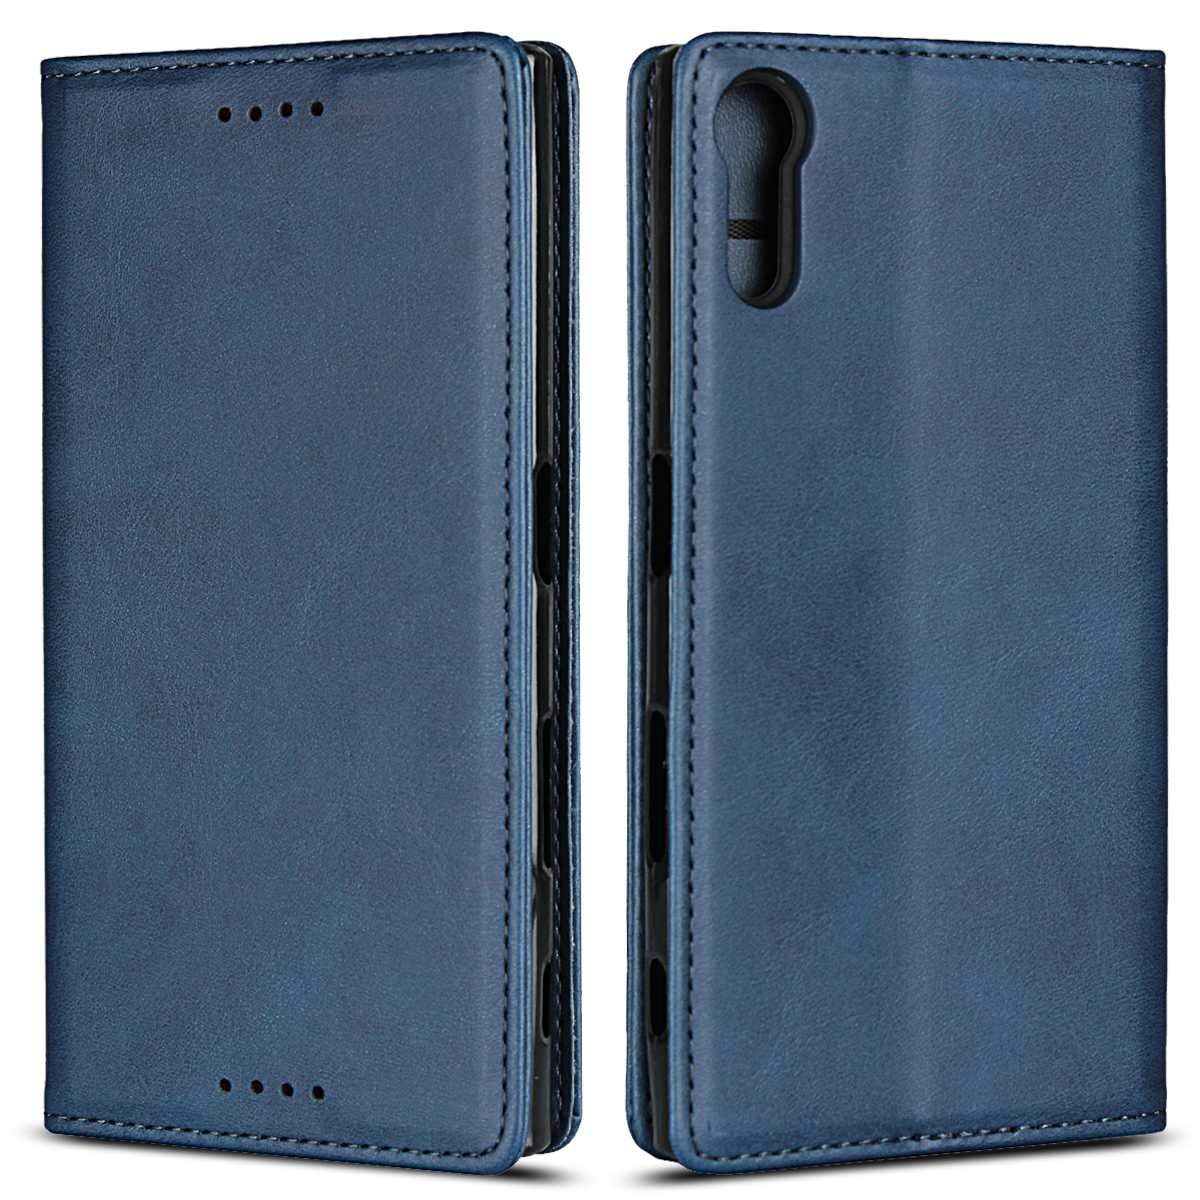 BoxTii Galaxy Note 8 Hü lle, Retro Kalbsleder Design PU Lederhü lle Standfunktion Hü lle mit Frei Panzerglas Displayschutzfolie fü r Samsung Galaxy Note 8 (Rot) BODE22-N8-D04